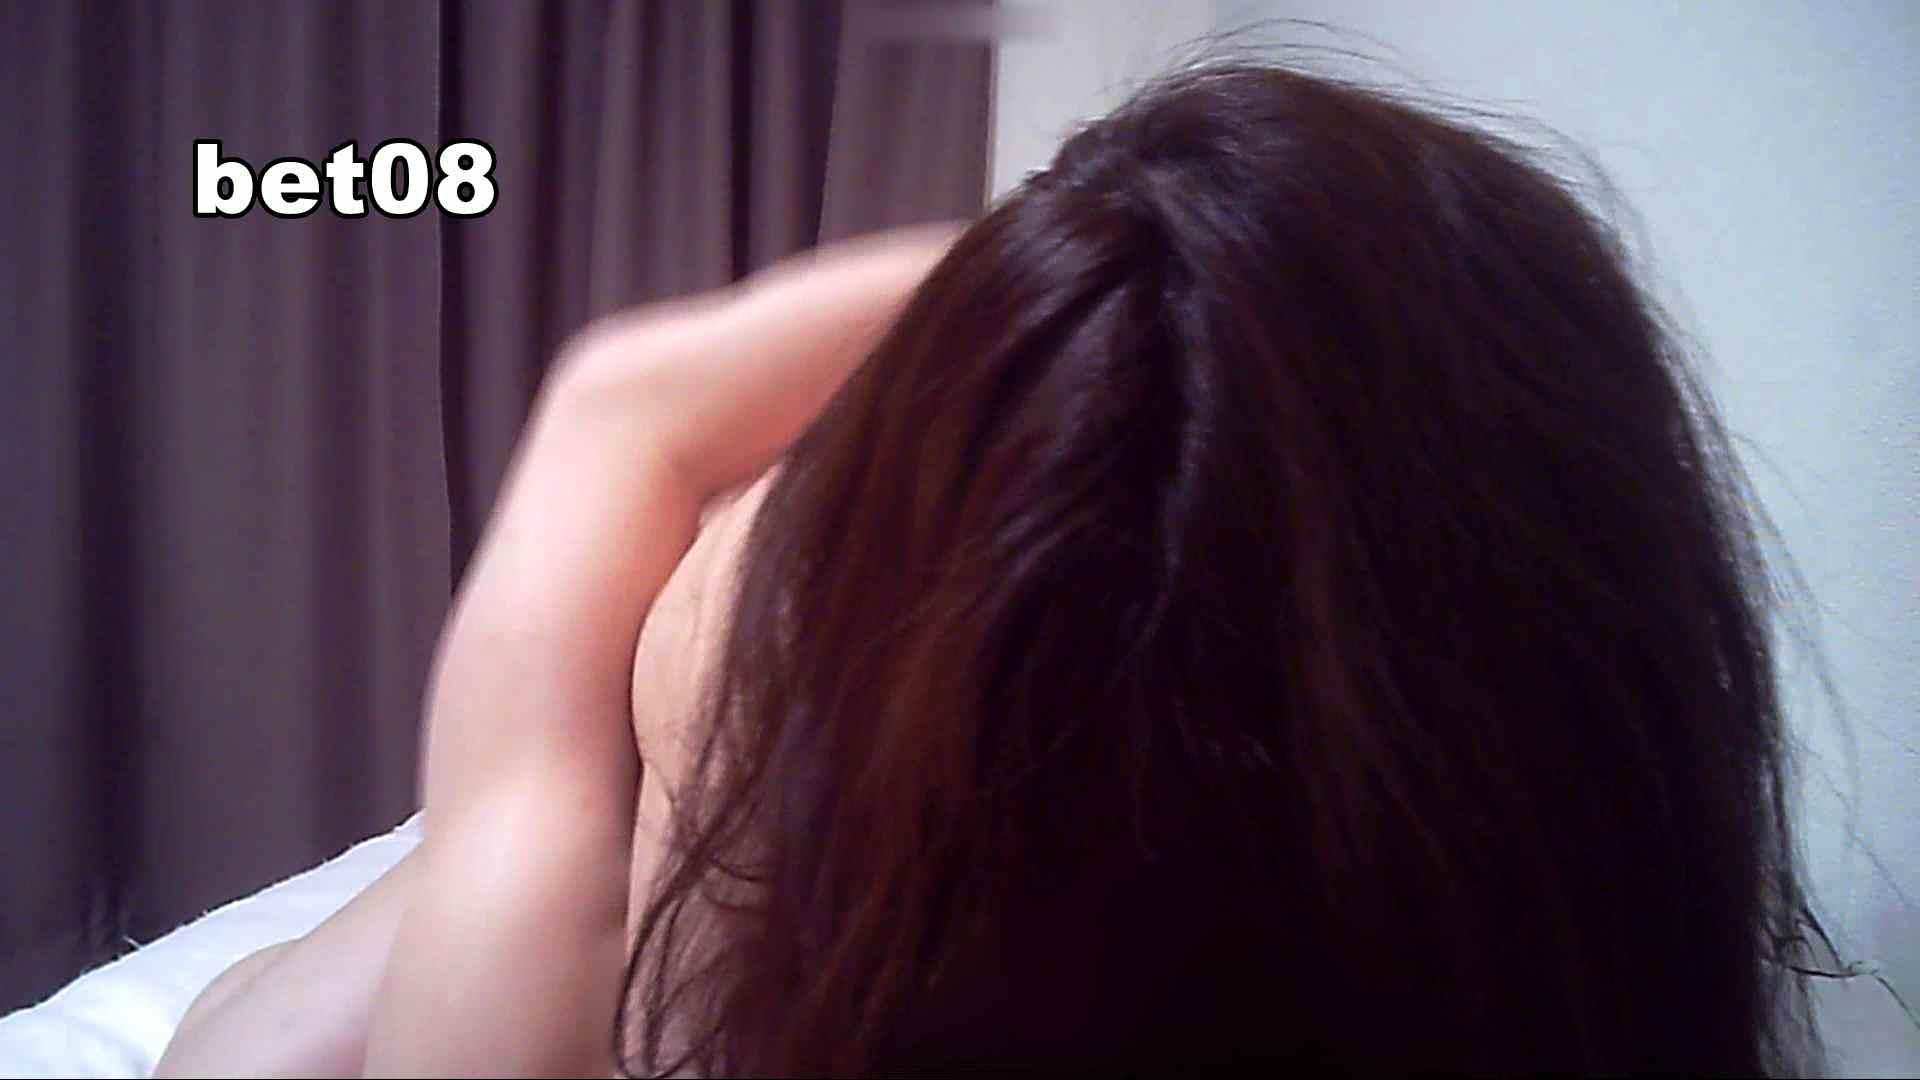 ミキ・大手旅行代理店勤務(24歳・仮名) vol.08 騎乗位ミキをご堪能下さい セックス  81画像 6